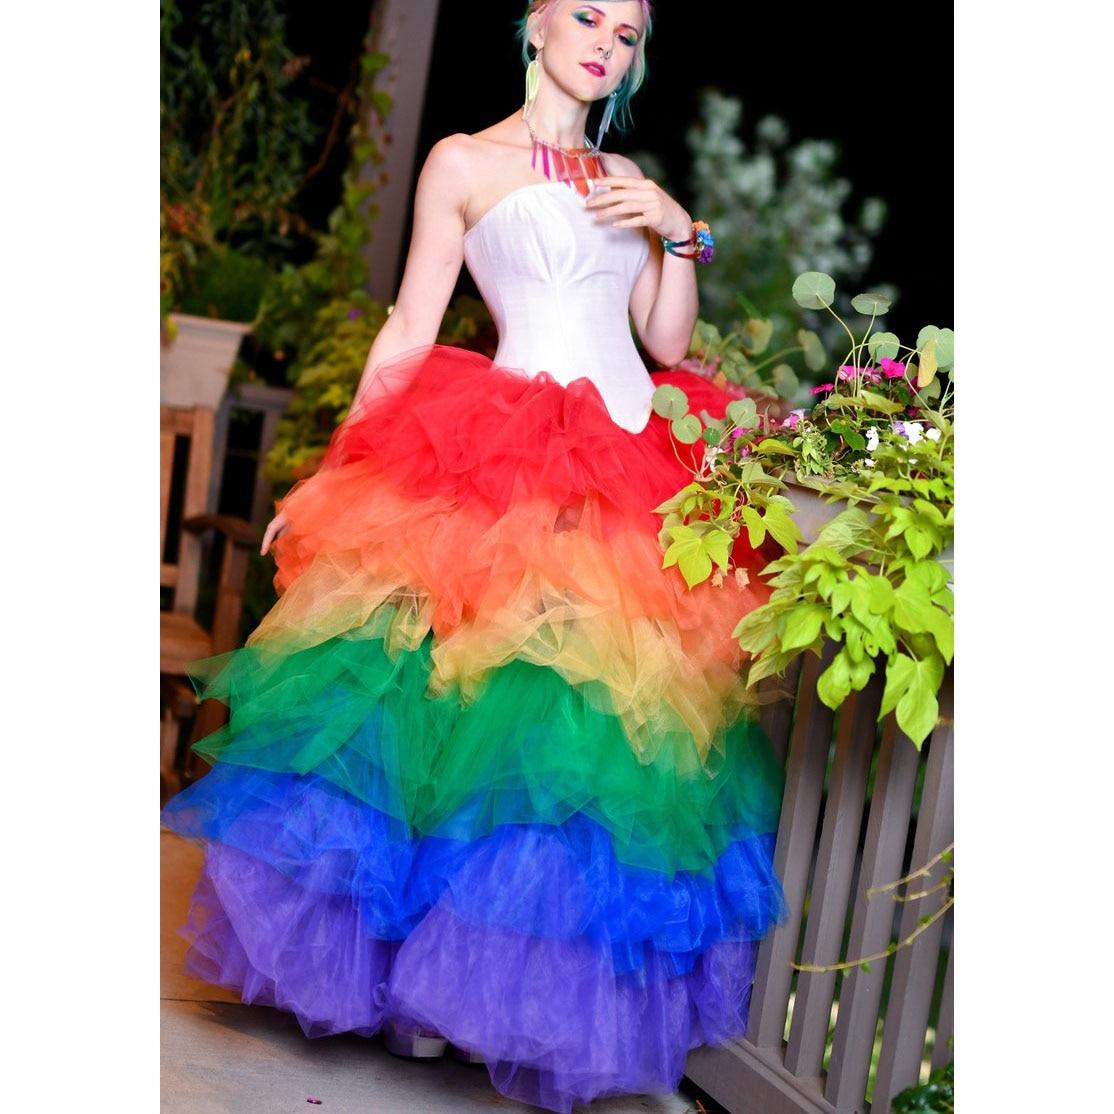 Arc-en-ciel niveaux Tulle Tutu jupe Style Hippie coloré couleur mélangée Maxi jupes longueur de plancher en couches mode jupe de bal sur mesure